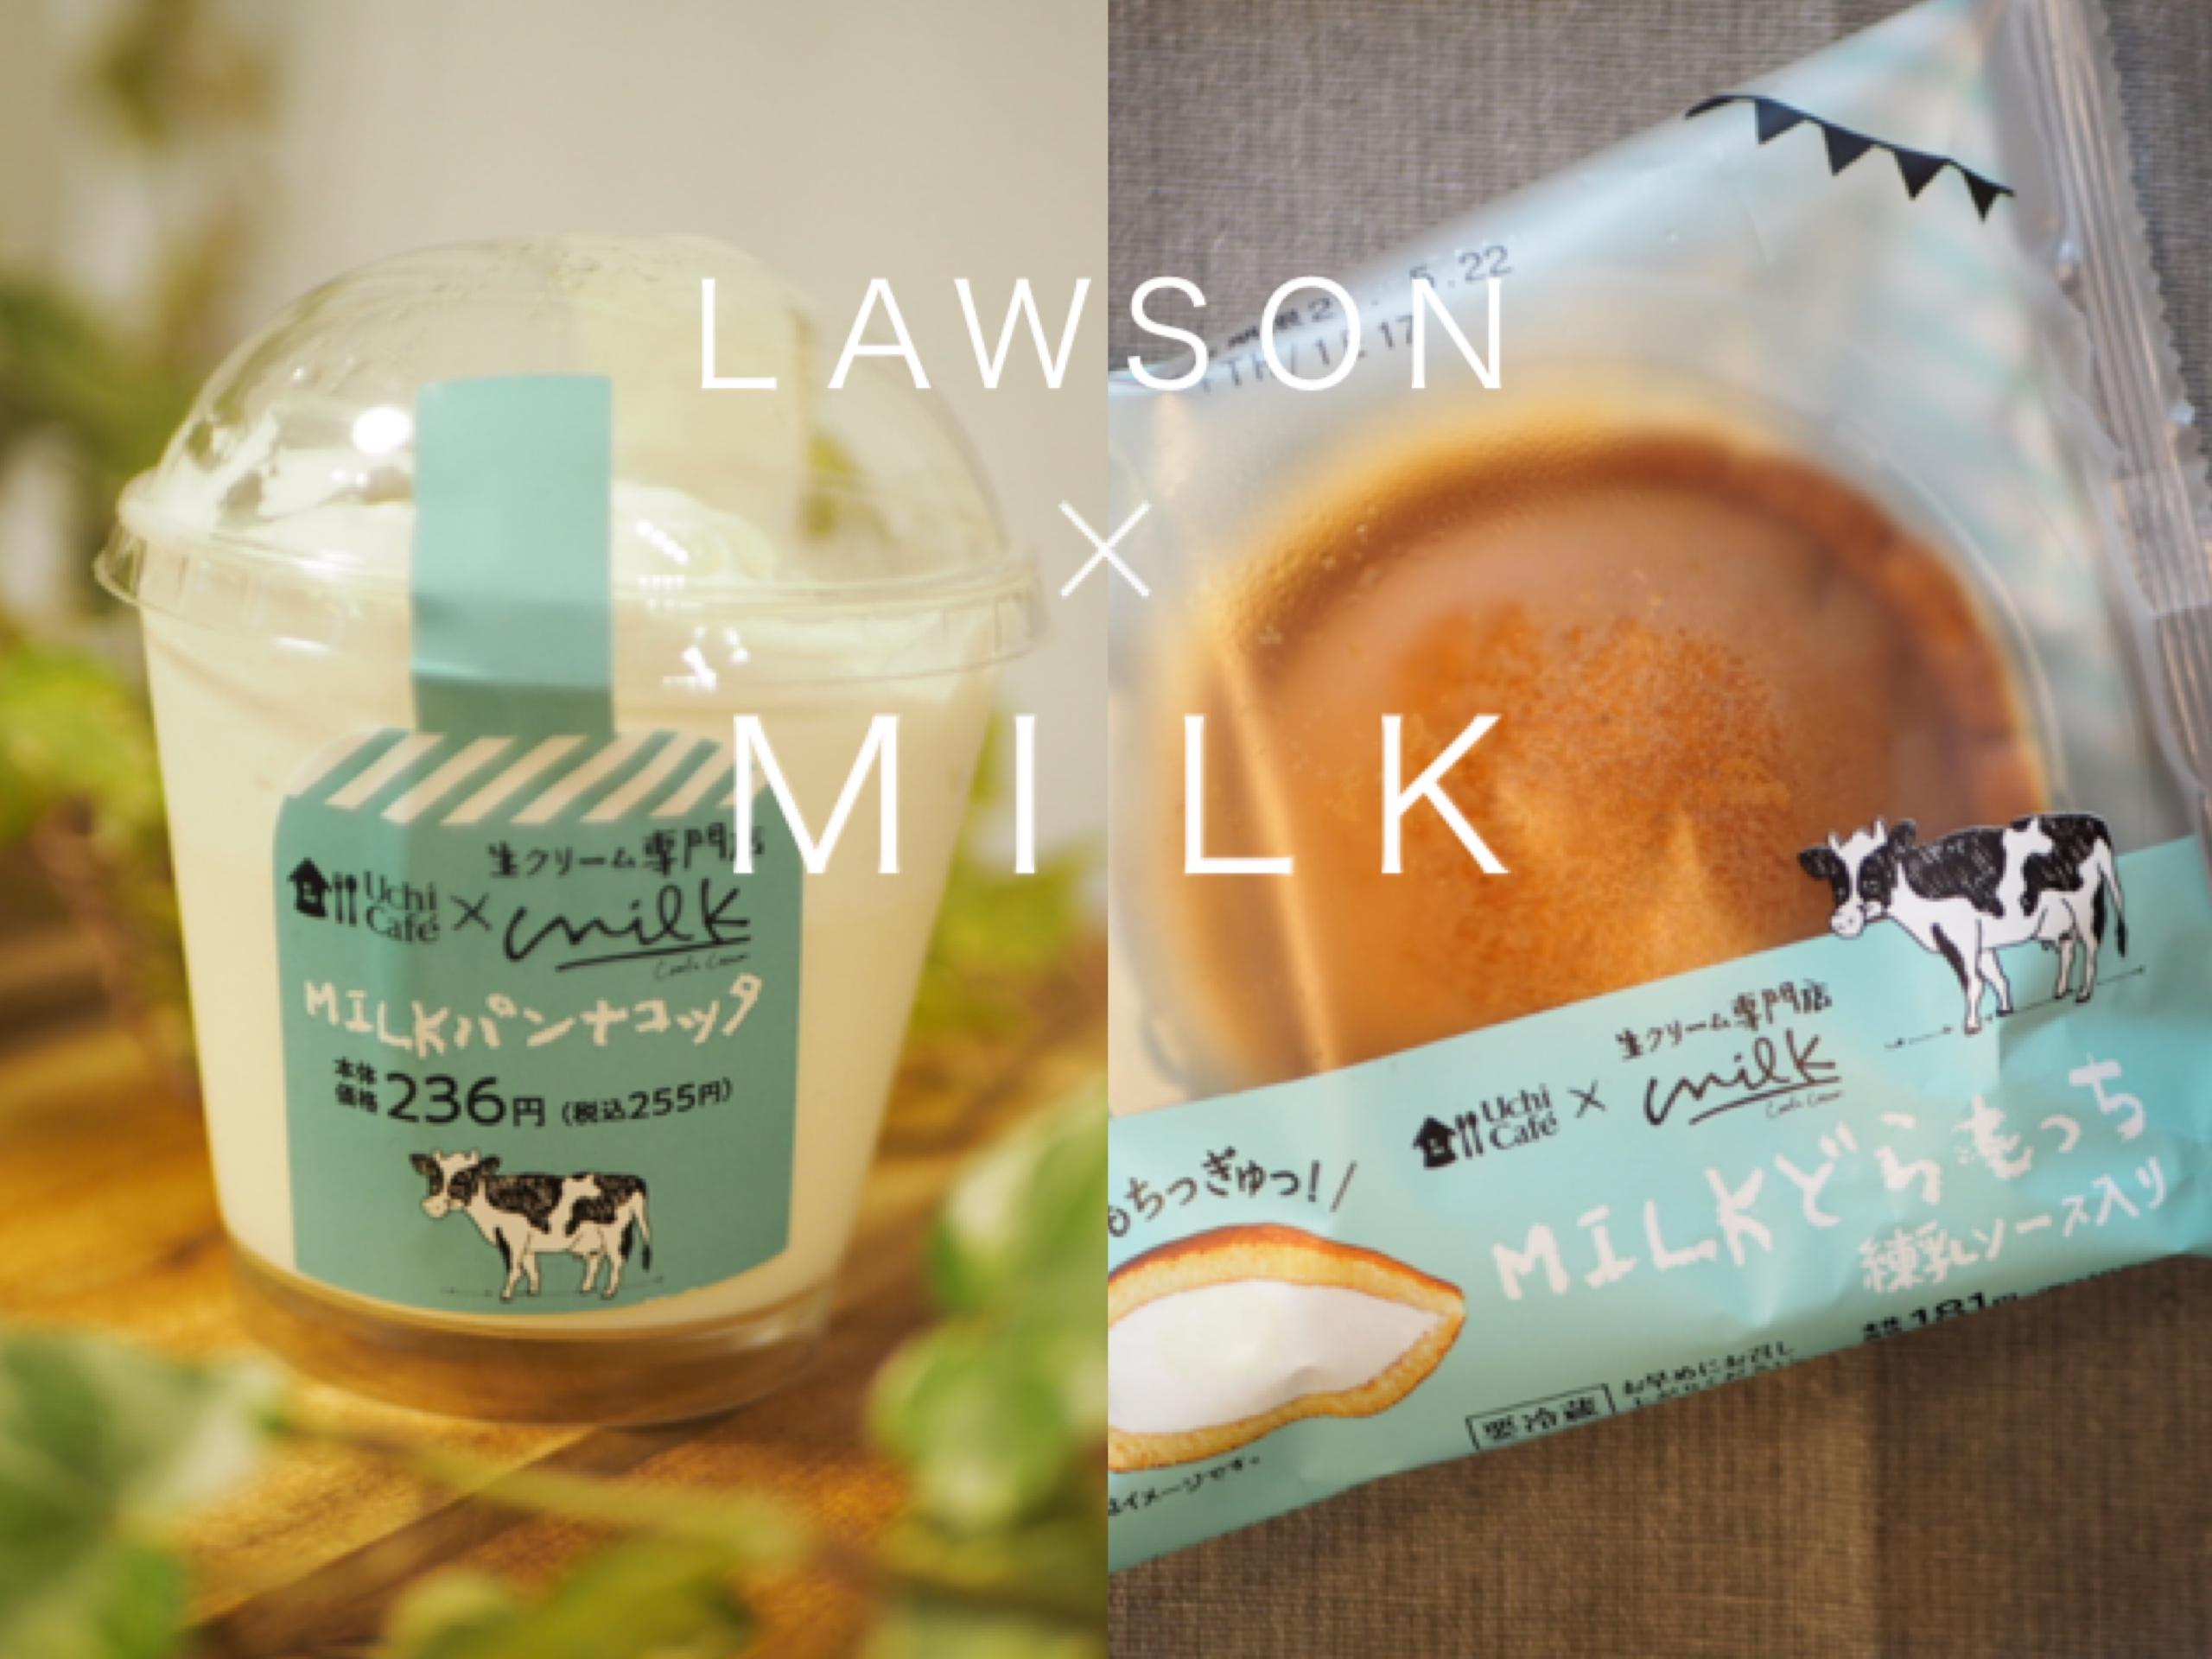 【ローソン新作】生クリーム専門店「Milk」とコラボしたスイーツがおすすめ♡_1